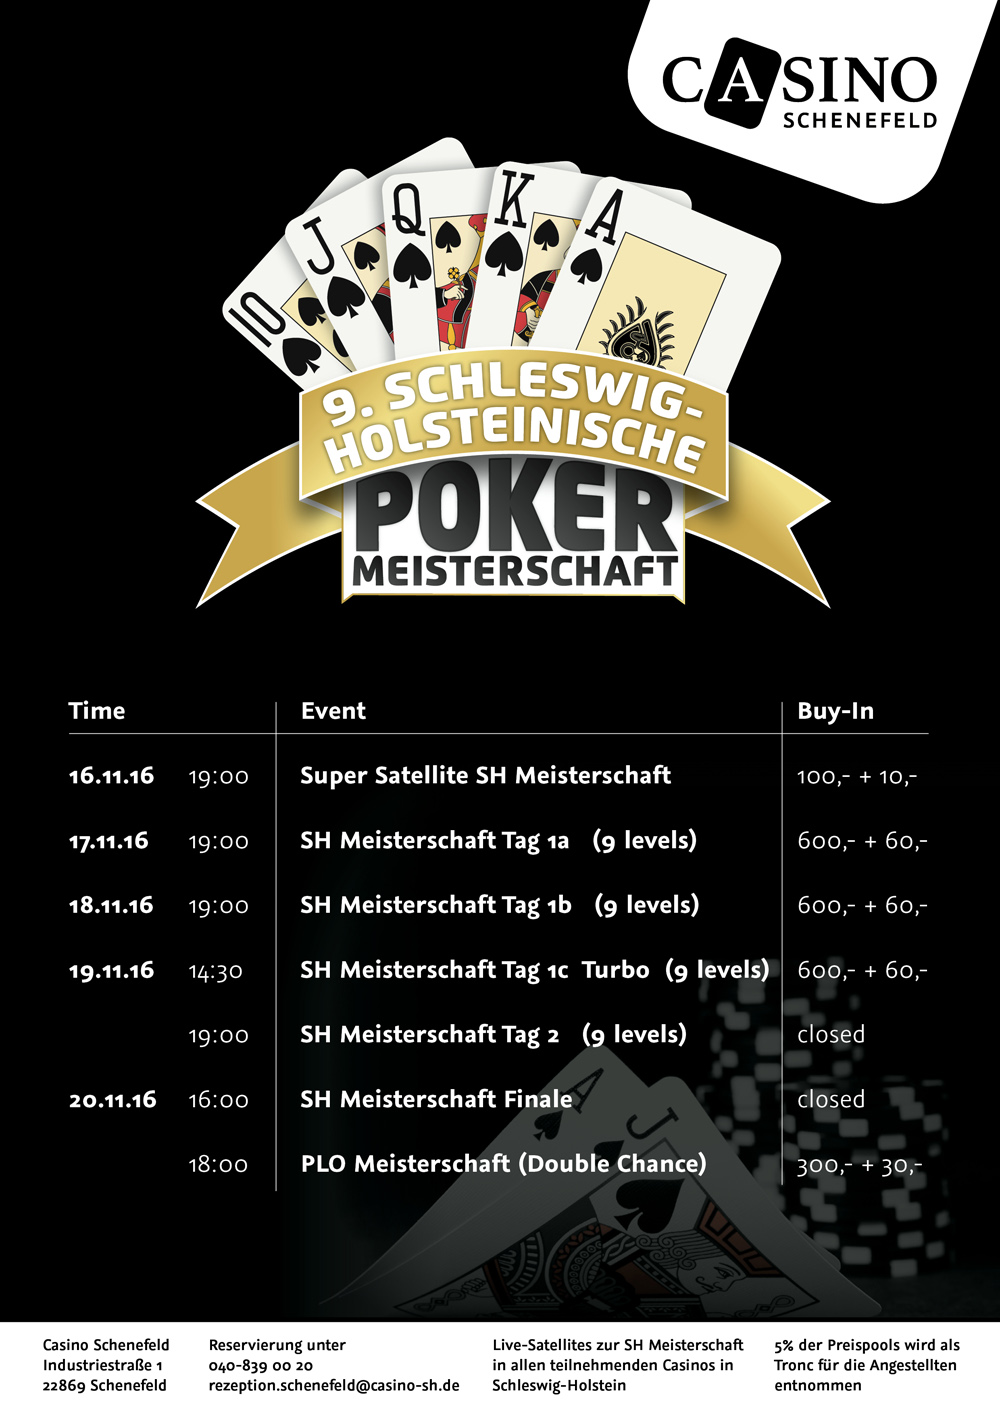 casino schenefeld online shop